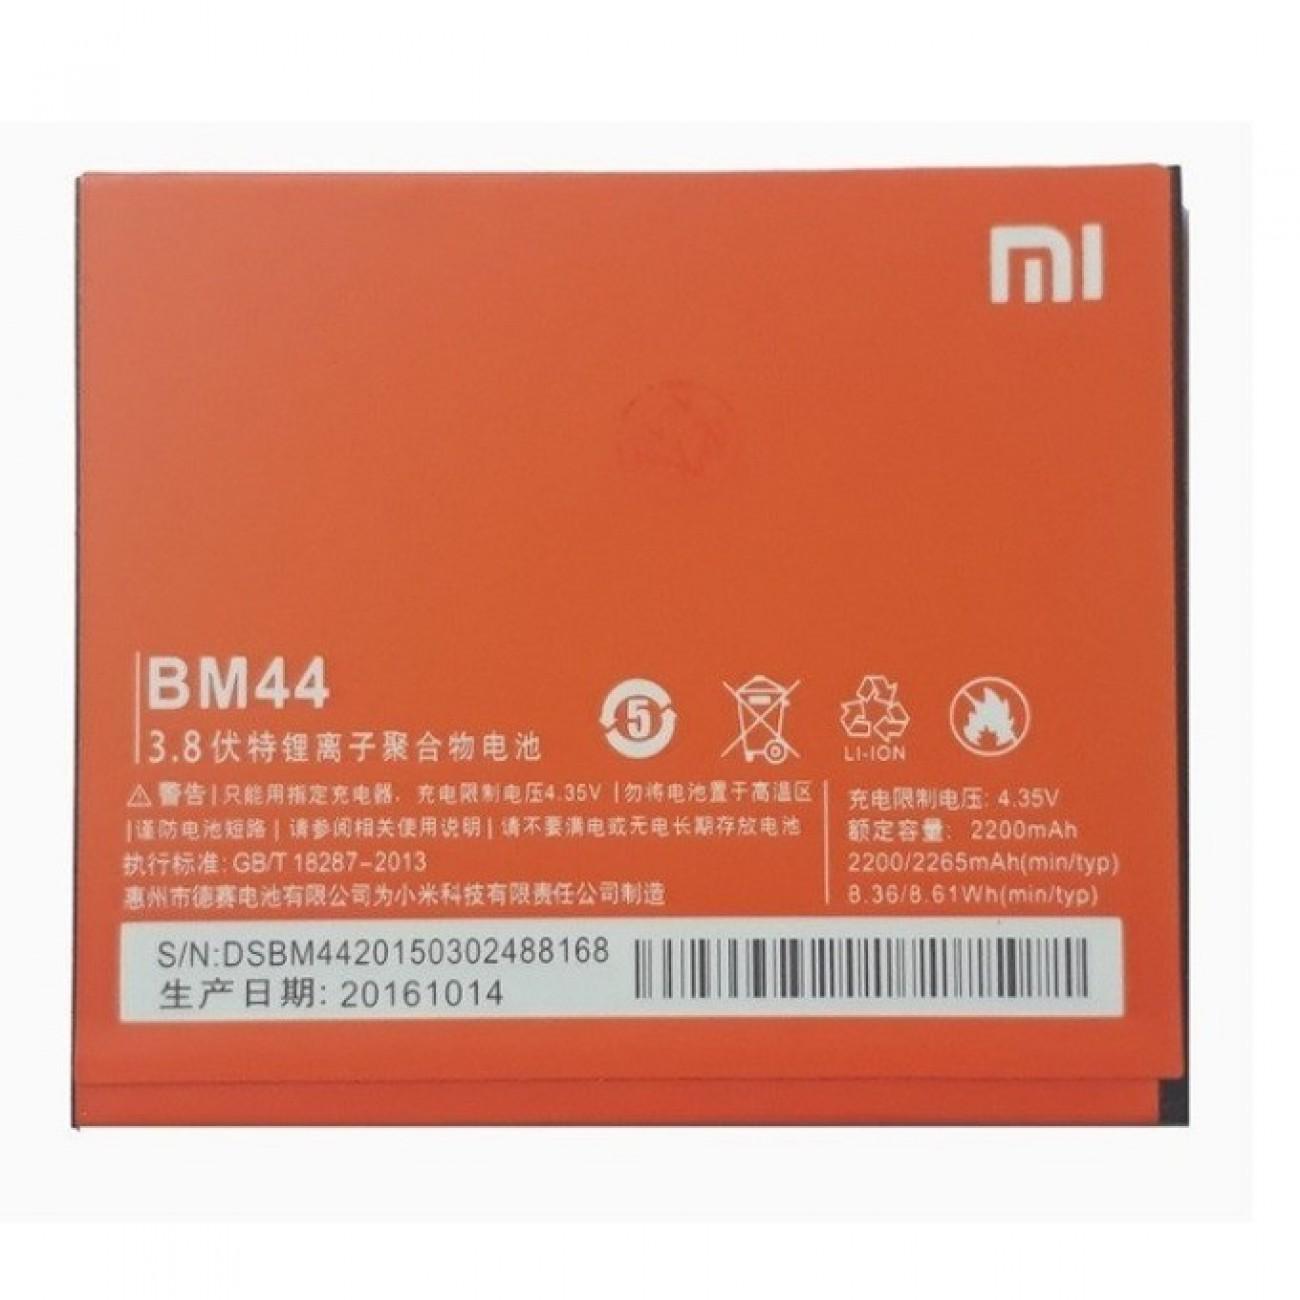 Батерия (оригинална) Xiaomi BM44, за Xiaomi Redmi 2/Prime, 2200 mAh/3.8V, bulk в Батерии за Телефони, Таблети - Xiaomi | Alleop